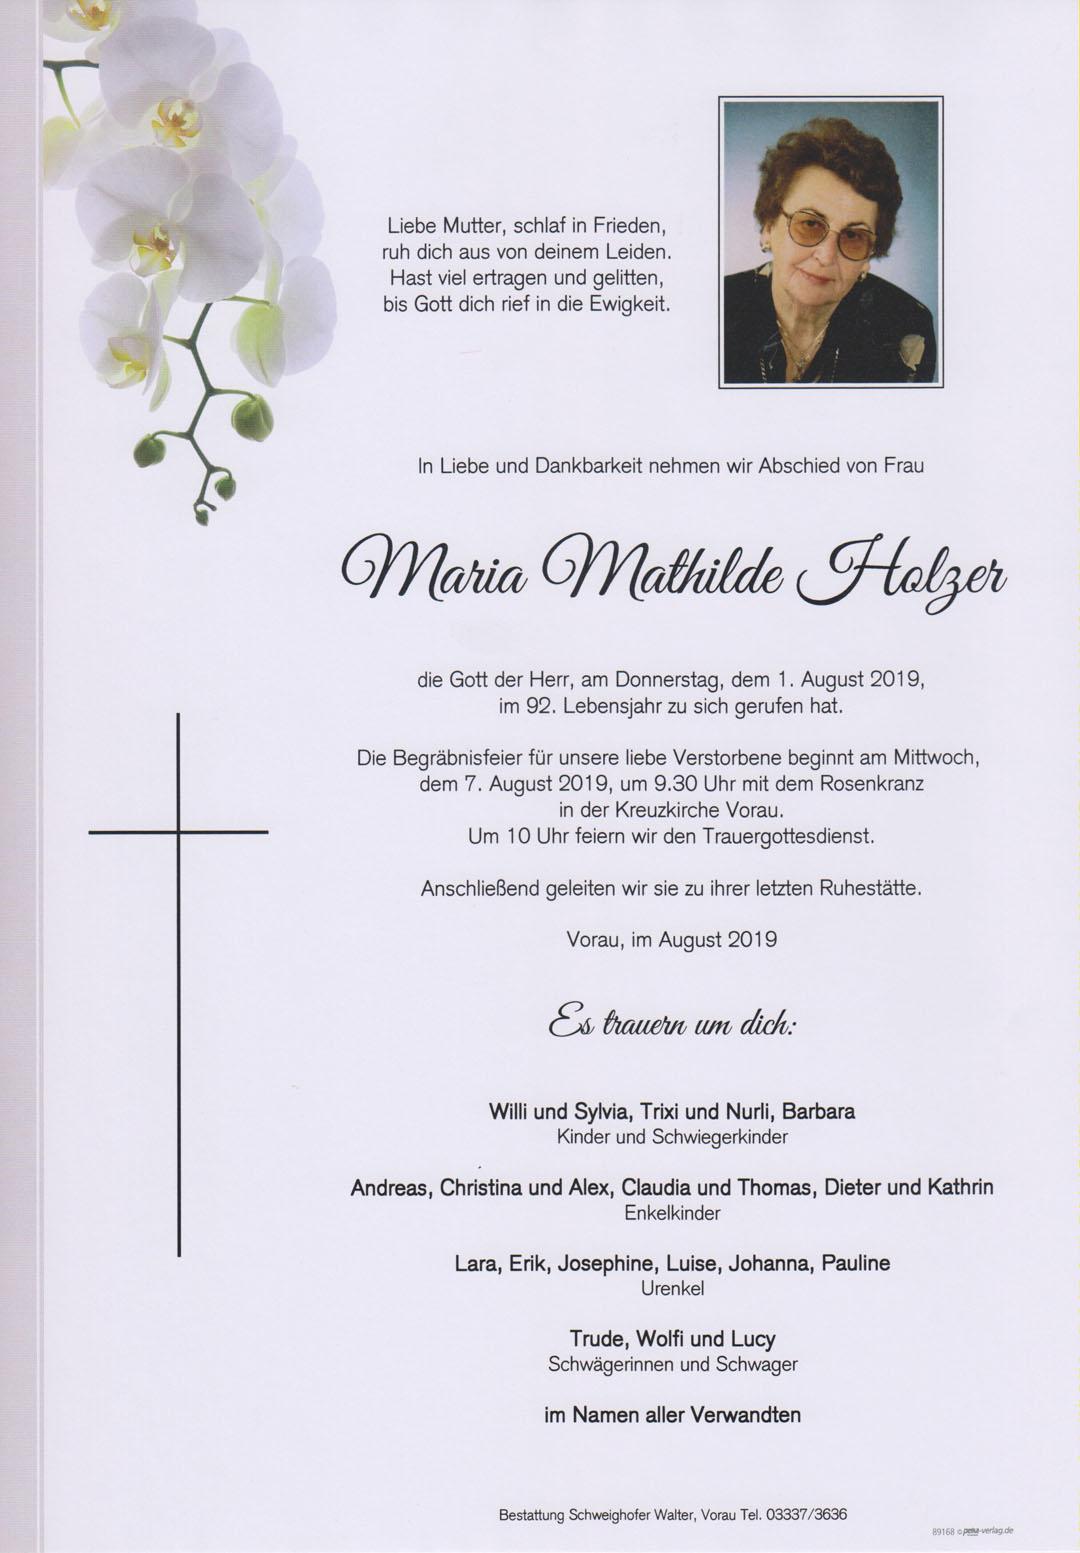 Maria Mathilde Holzer